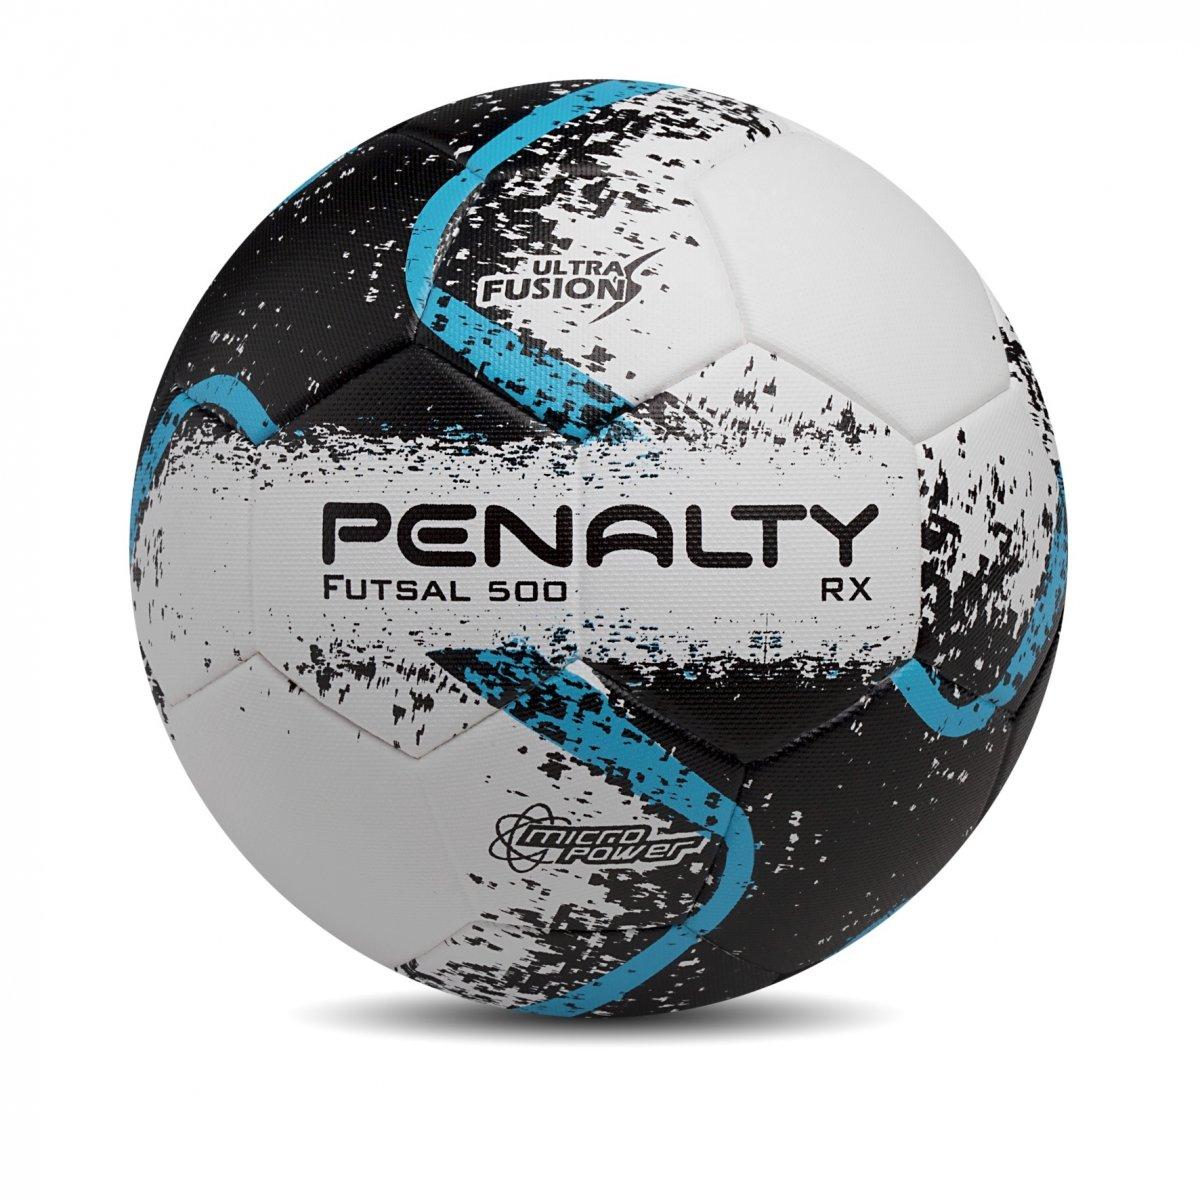 2cf5f22abe Bola Futsal Penalty RX 500 Ultra Fusion R2 Vlll 520307 1040